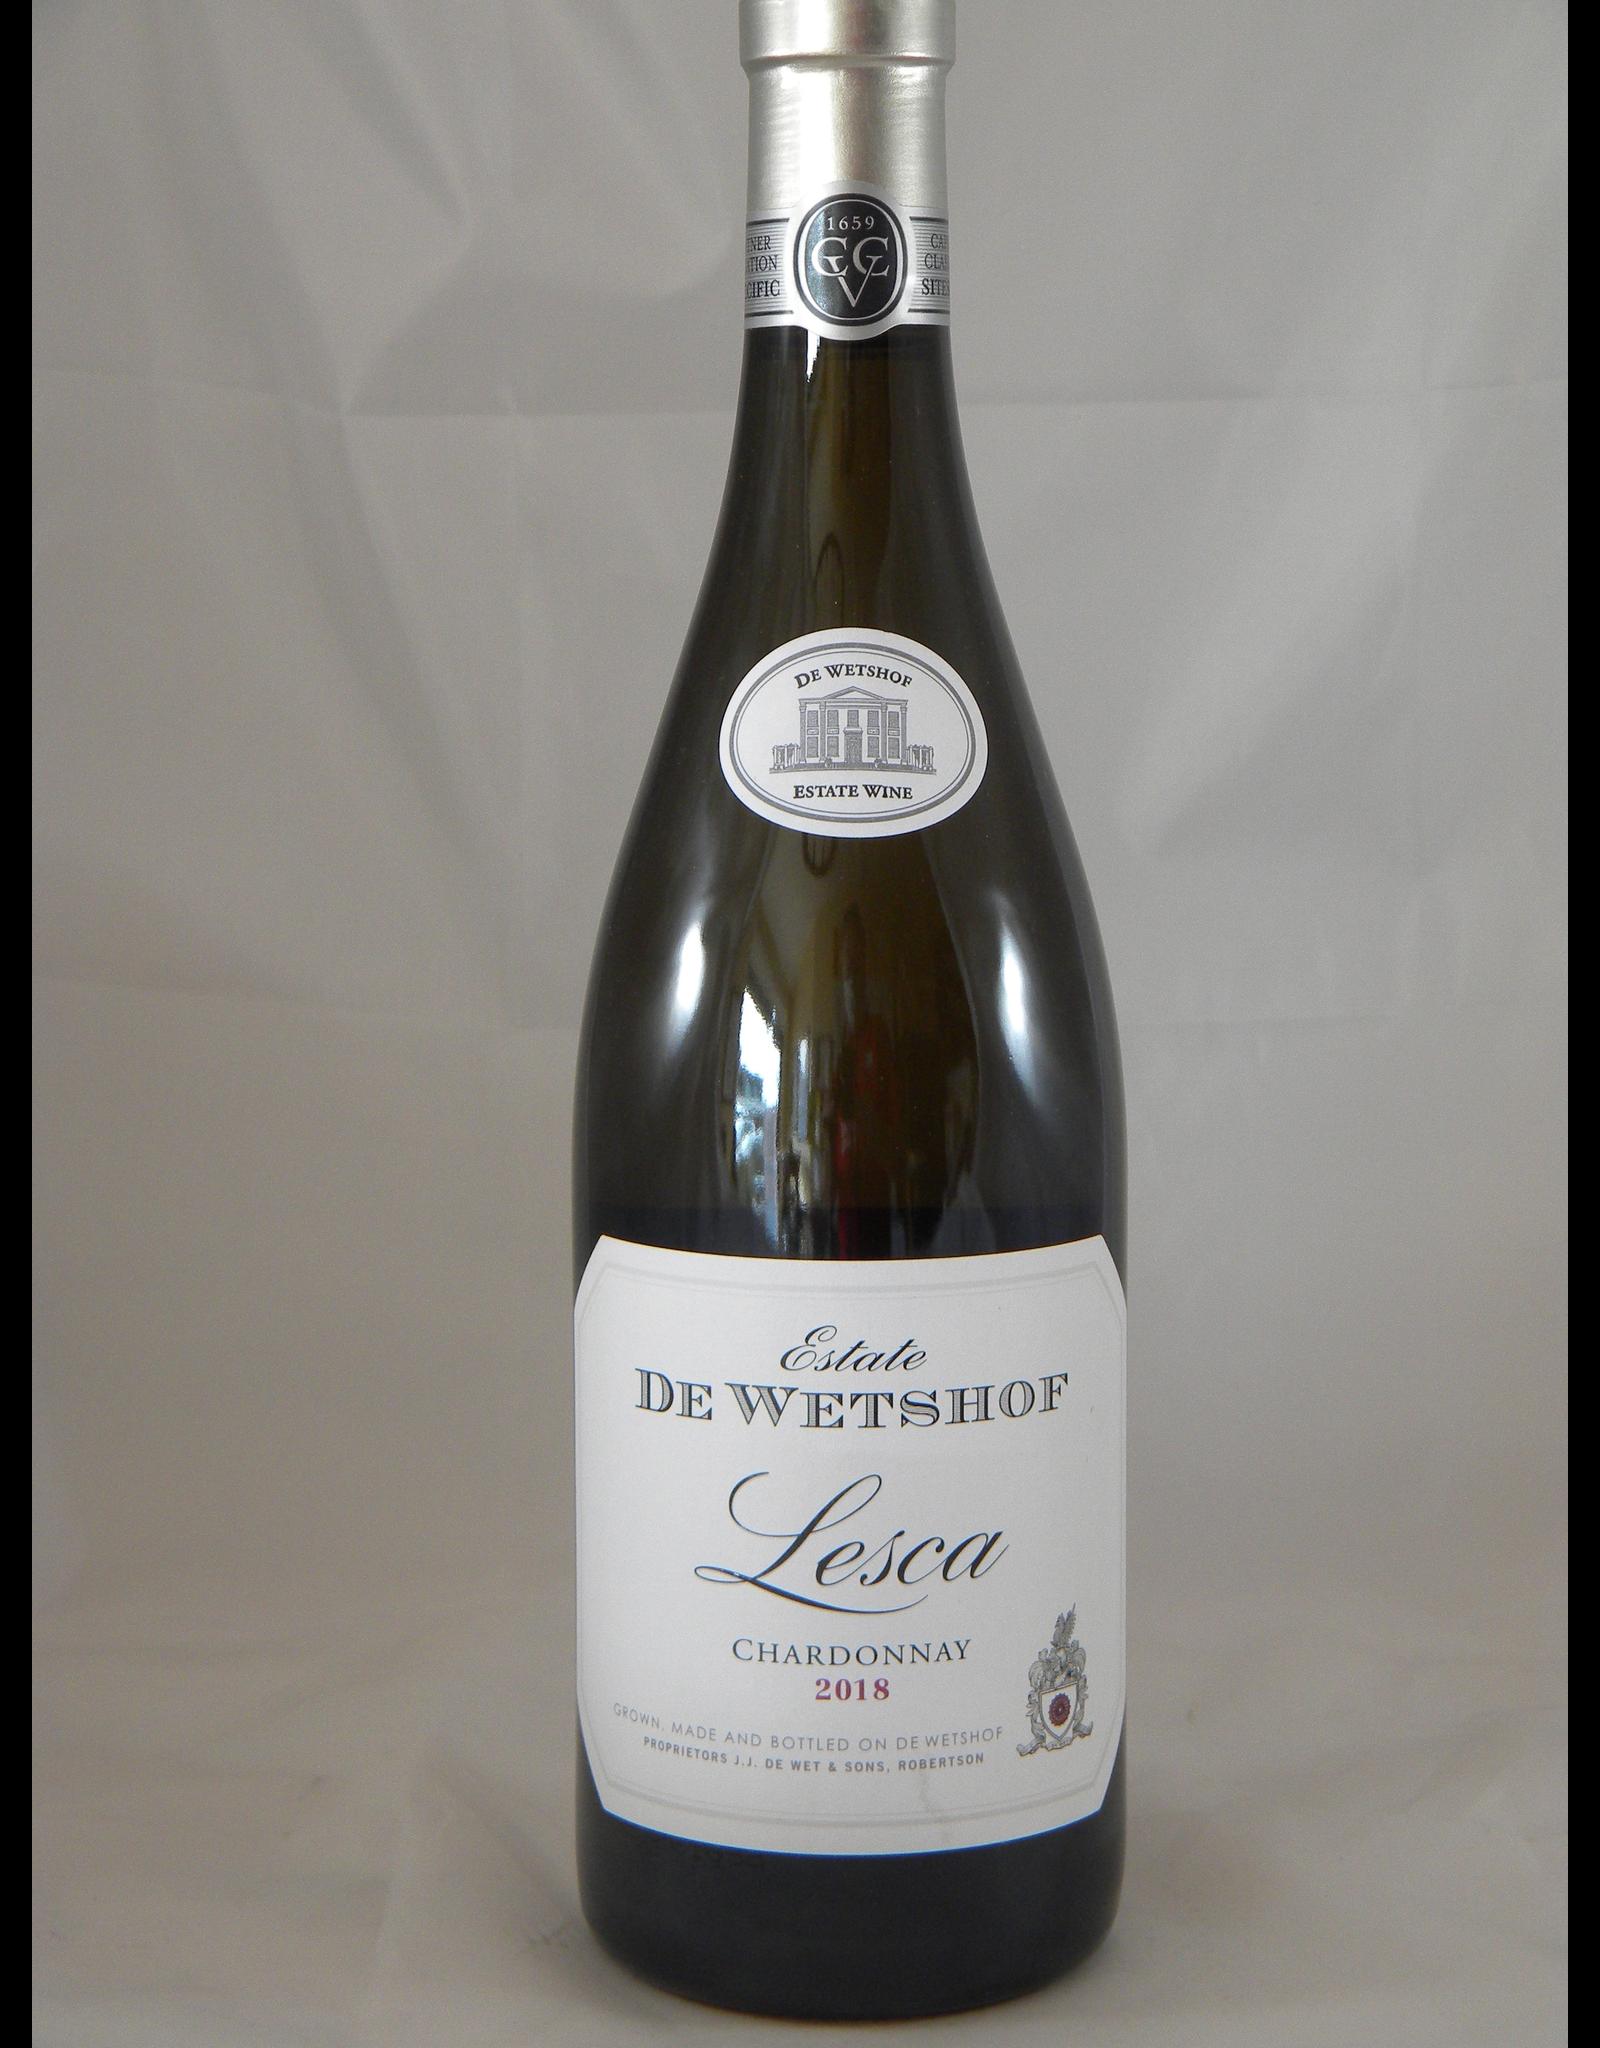 De Wetshof Chardonnay Robertson Lesca 2018